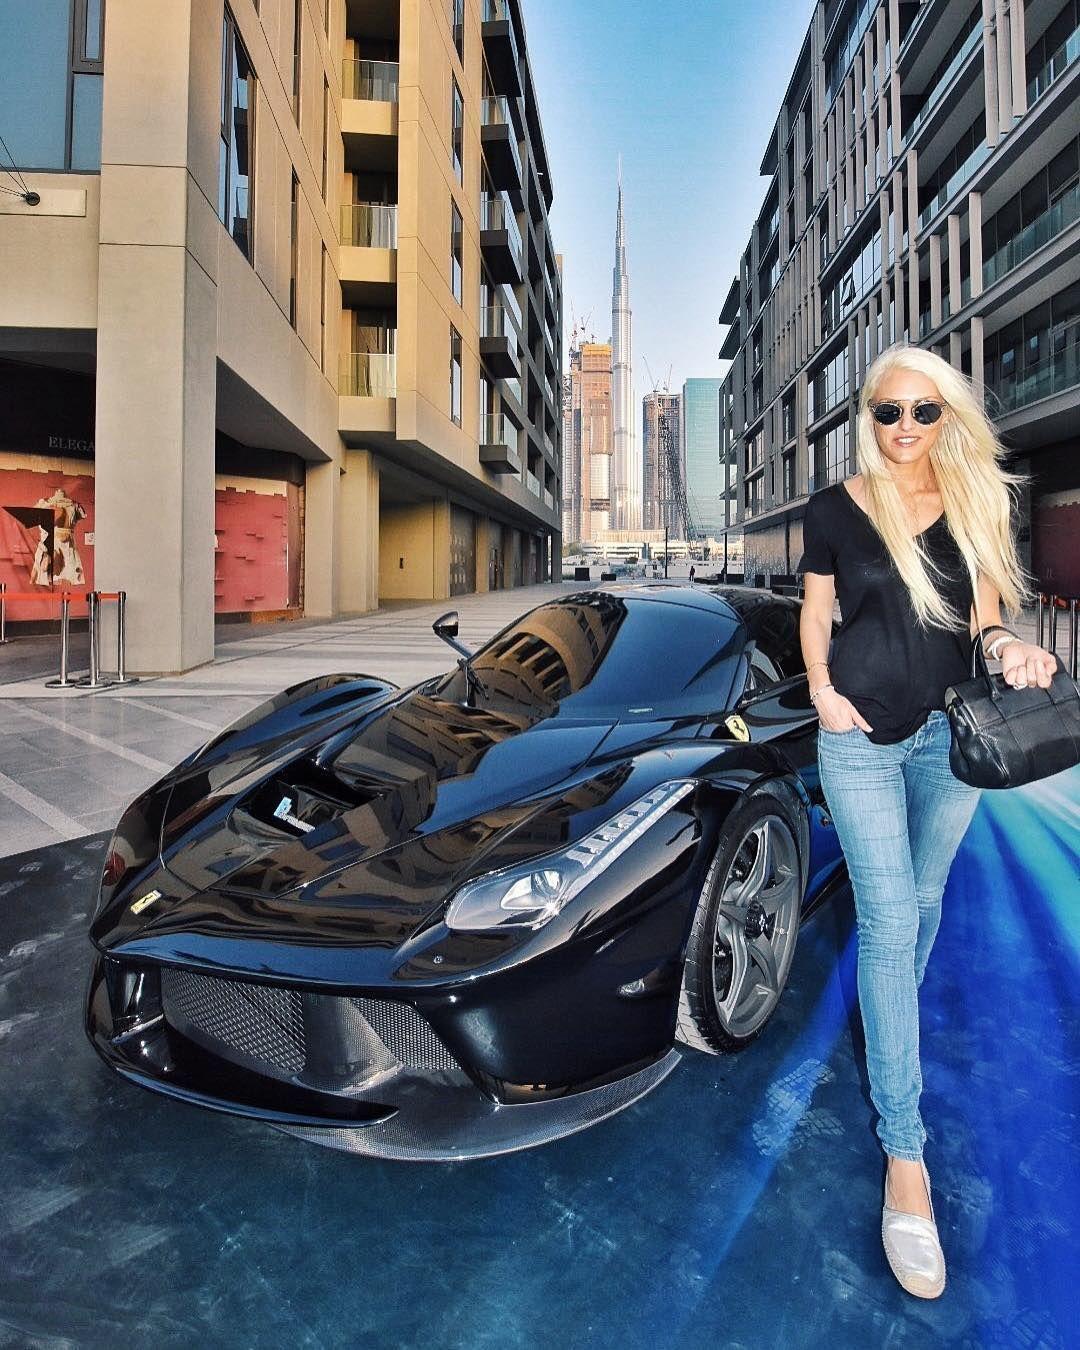 Formation Gratuite Clique Sur L Image Credit Ig Supercarblondie Supercar Voituredeluxe Voituredereve Super Voitures De Luxe Super Voiture Maserati